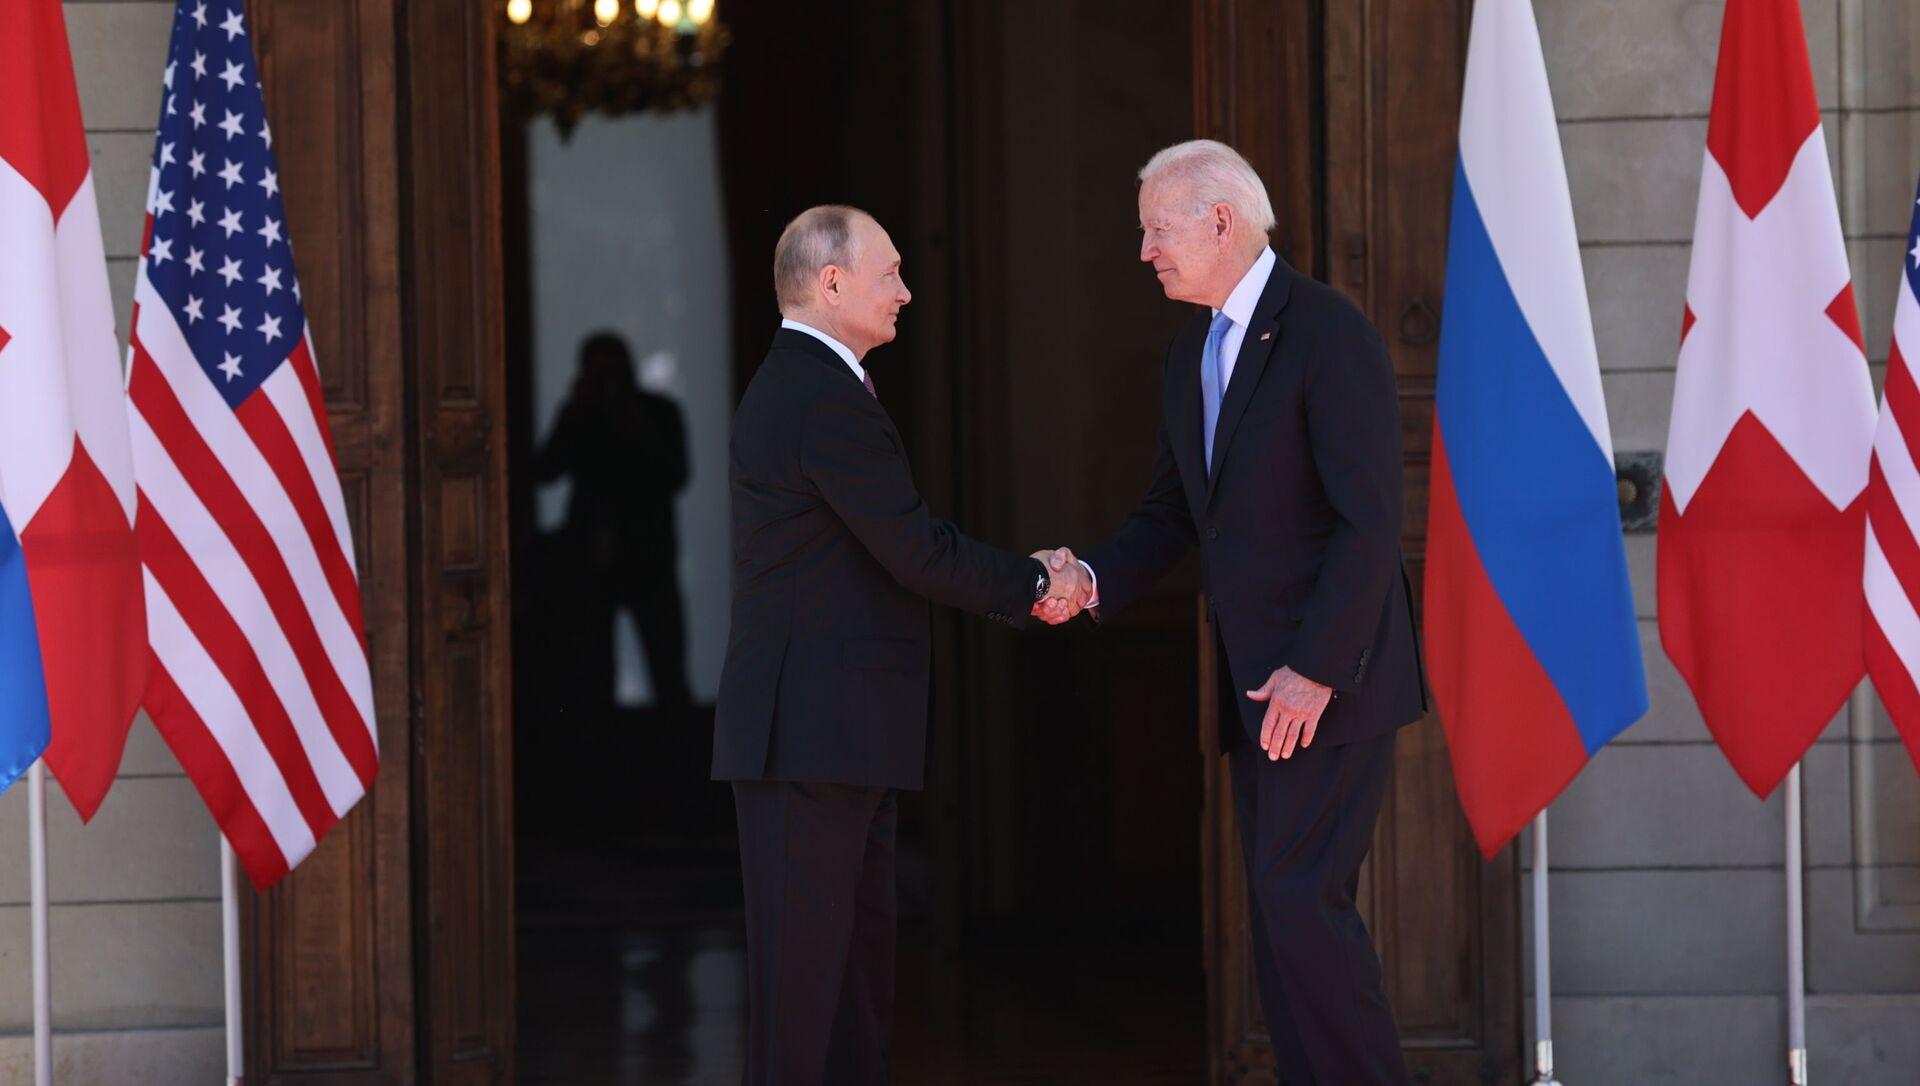 Tổng thống Nga Vladimir Putin và Tổng thống Mỹ Joe Biden tại hội nghị thượng đỉnh Geneva - Sputnik Việt Nam, 1920, 17.06.2021